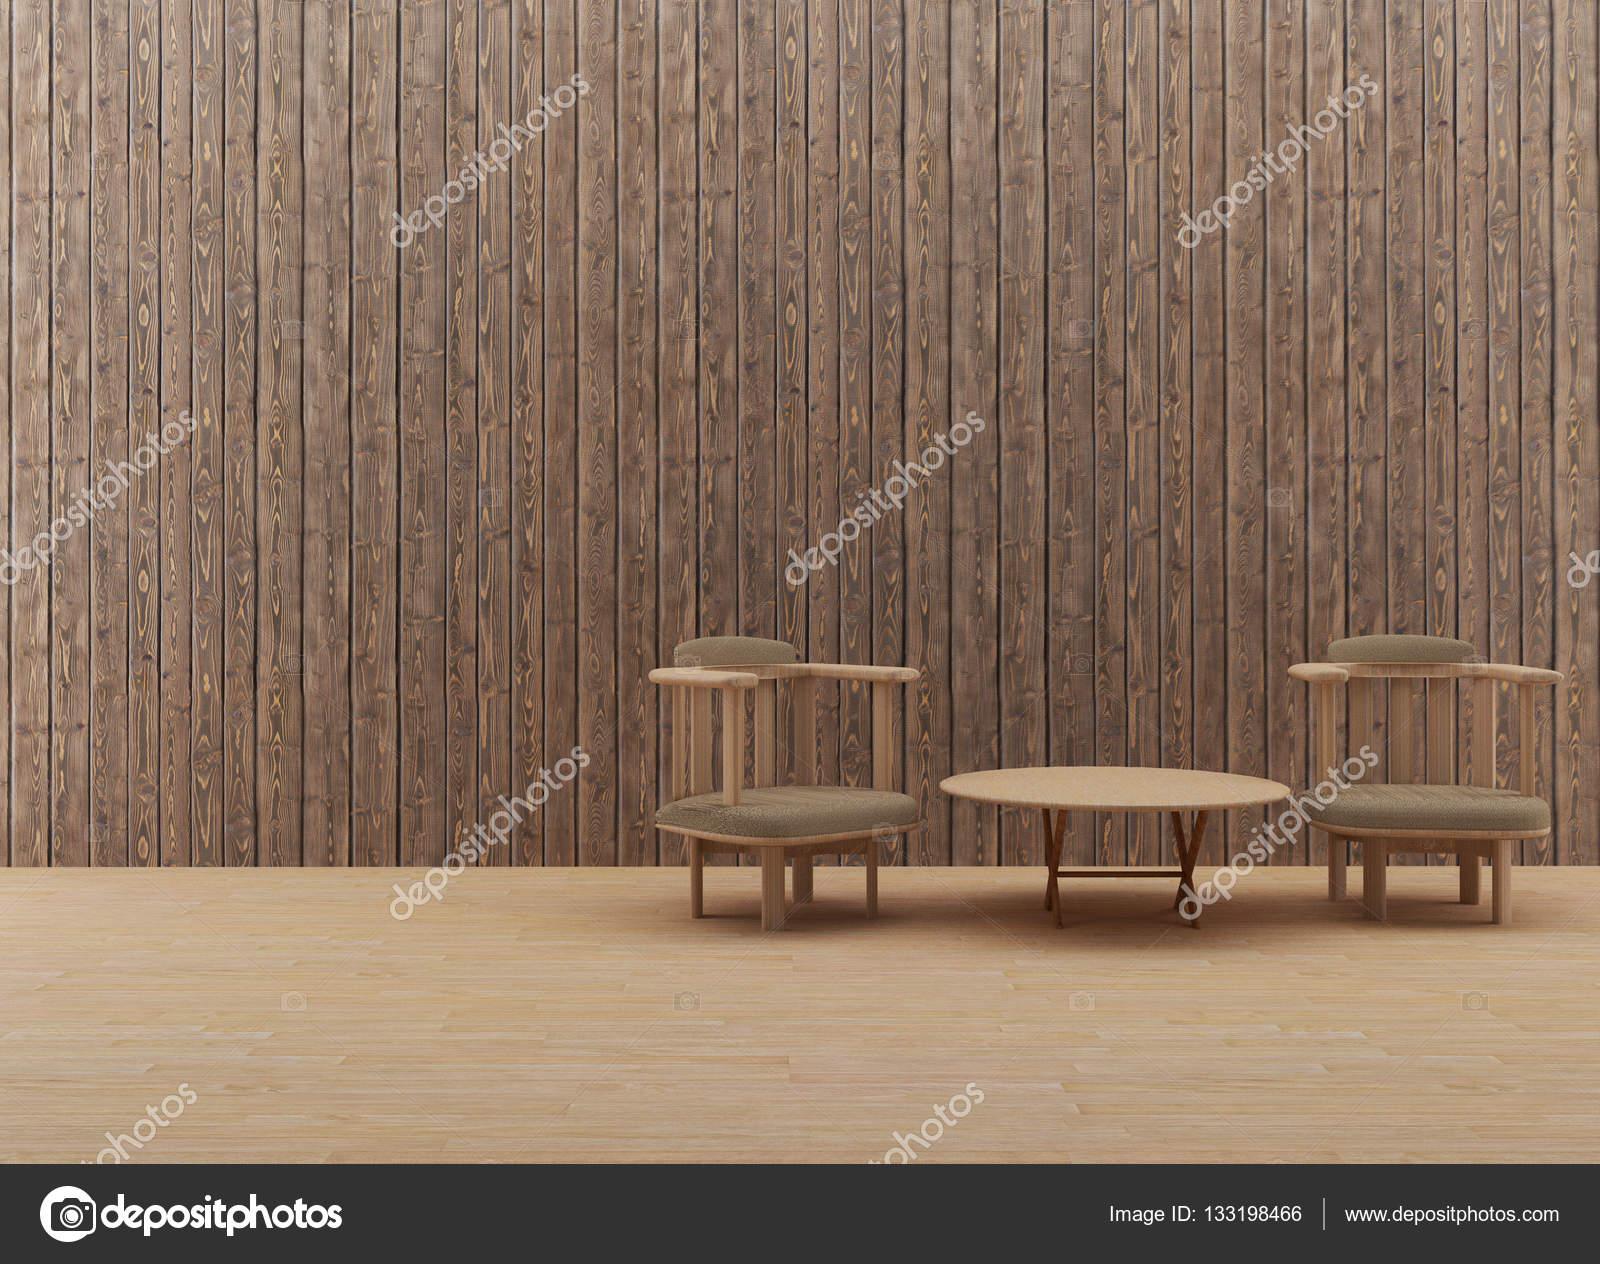 innen Holz Tisch und Stuhl-Design in 3d Render Bild — Stockfoto ...